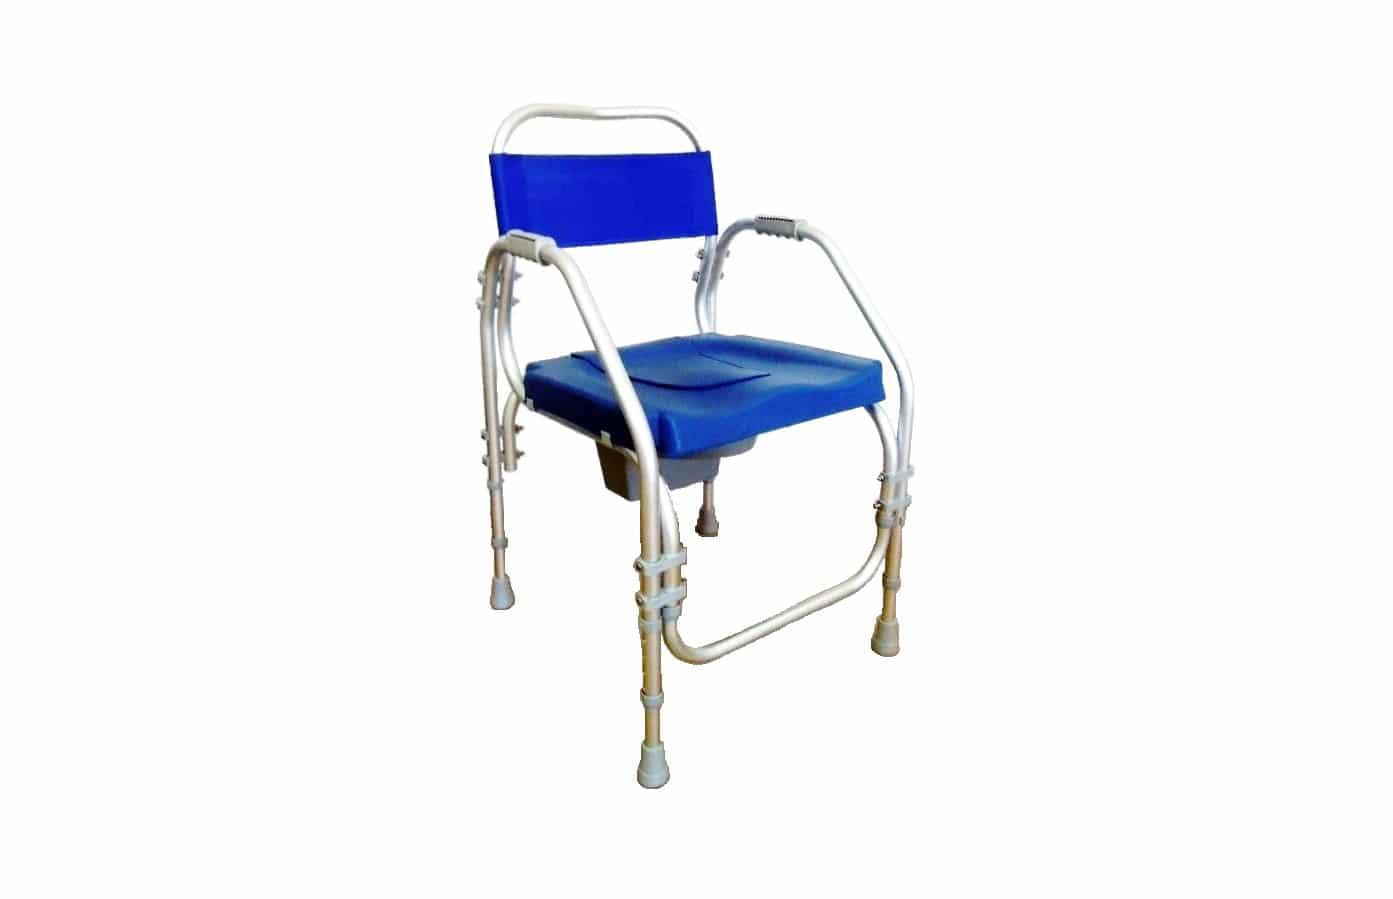 Cadeira de banho azul com estrutura em alumínio, vista de perfil